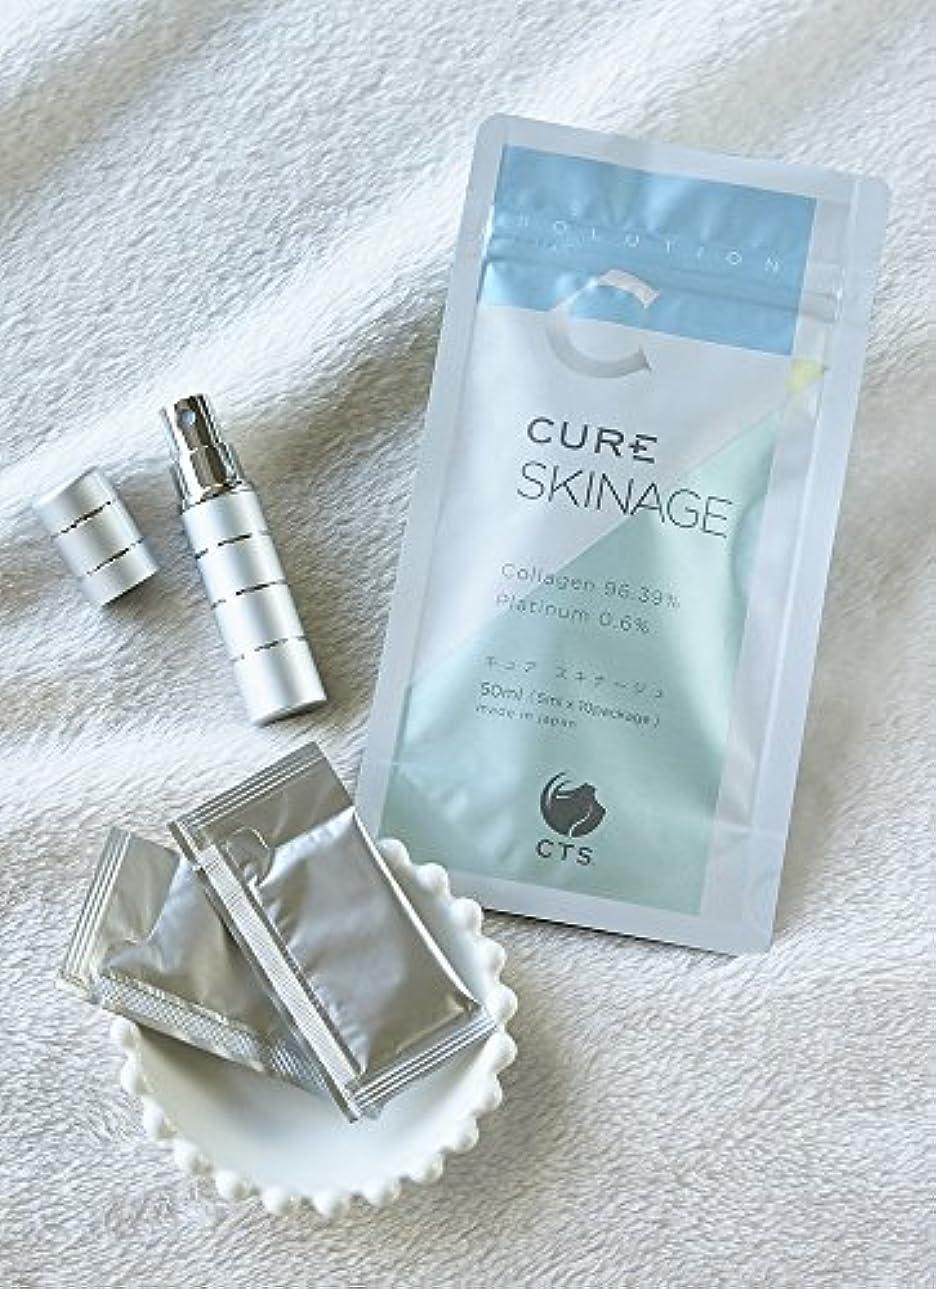 スポンジ子販売計画CURE SKINAGE【96.99%有効成分】美容液 防腐剤無添加 アトマイザー付き